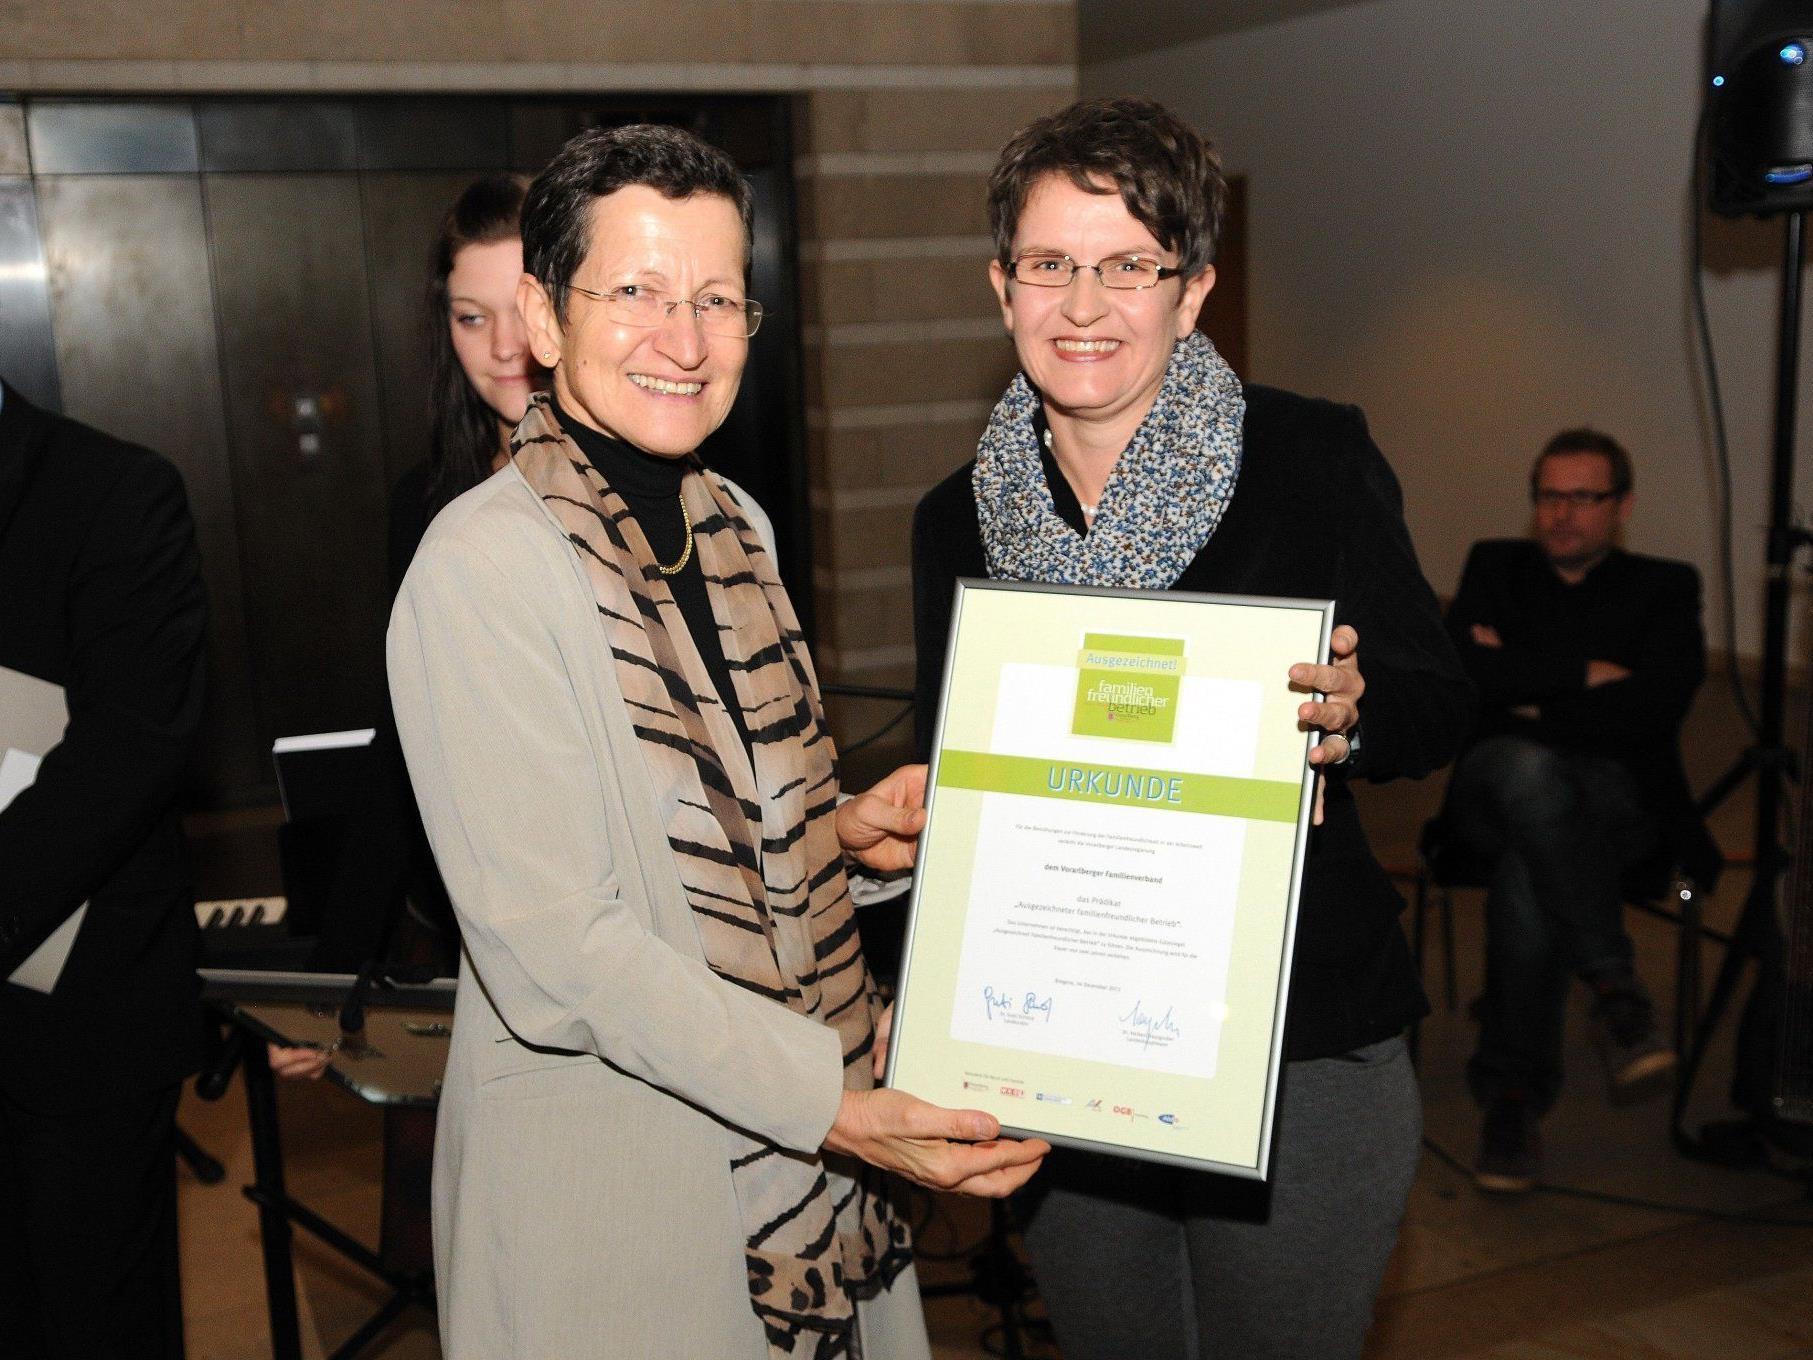 LR Greti Schmid überreicht die Urkunde an Familienverbands-Geschäftsführerin Barbara Fink.